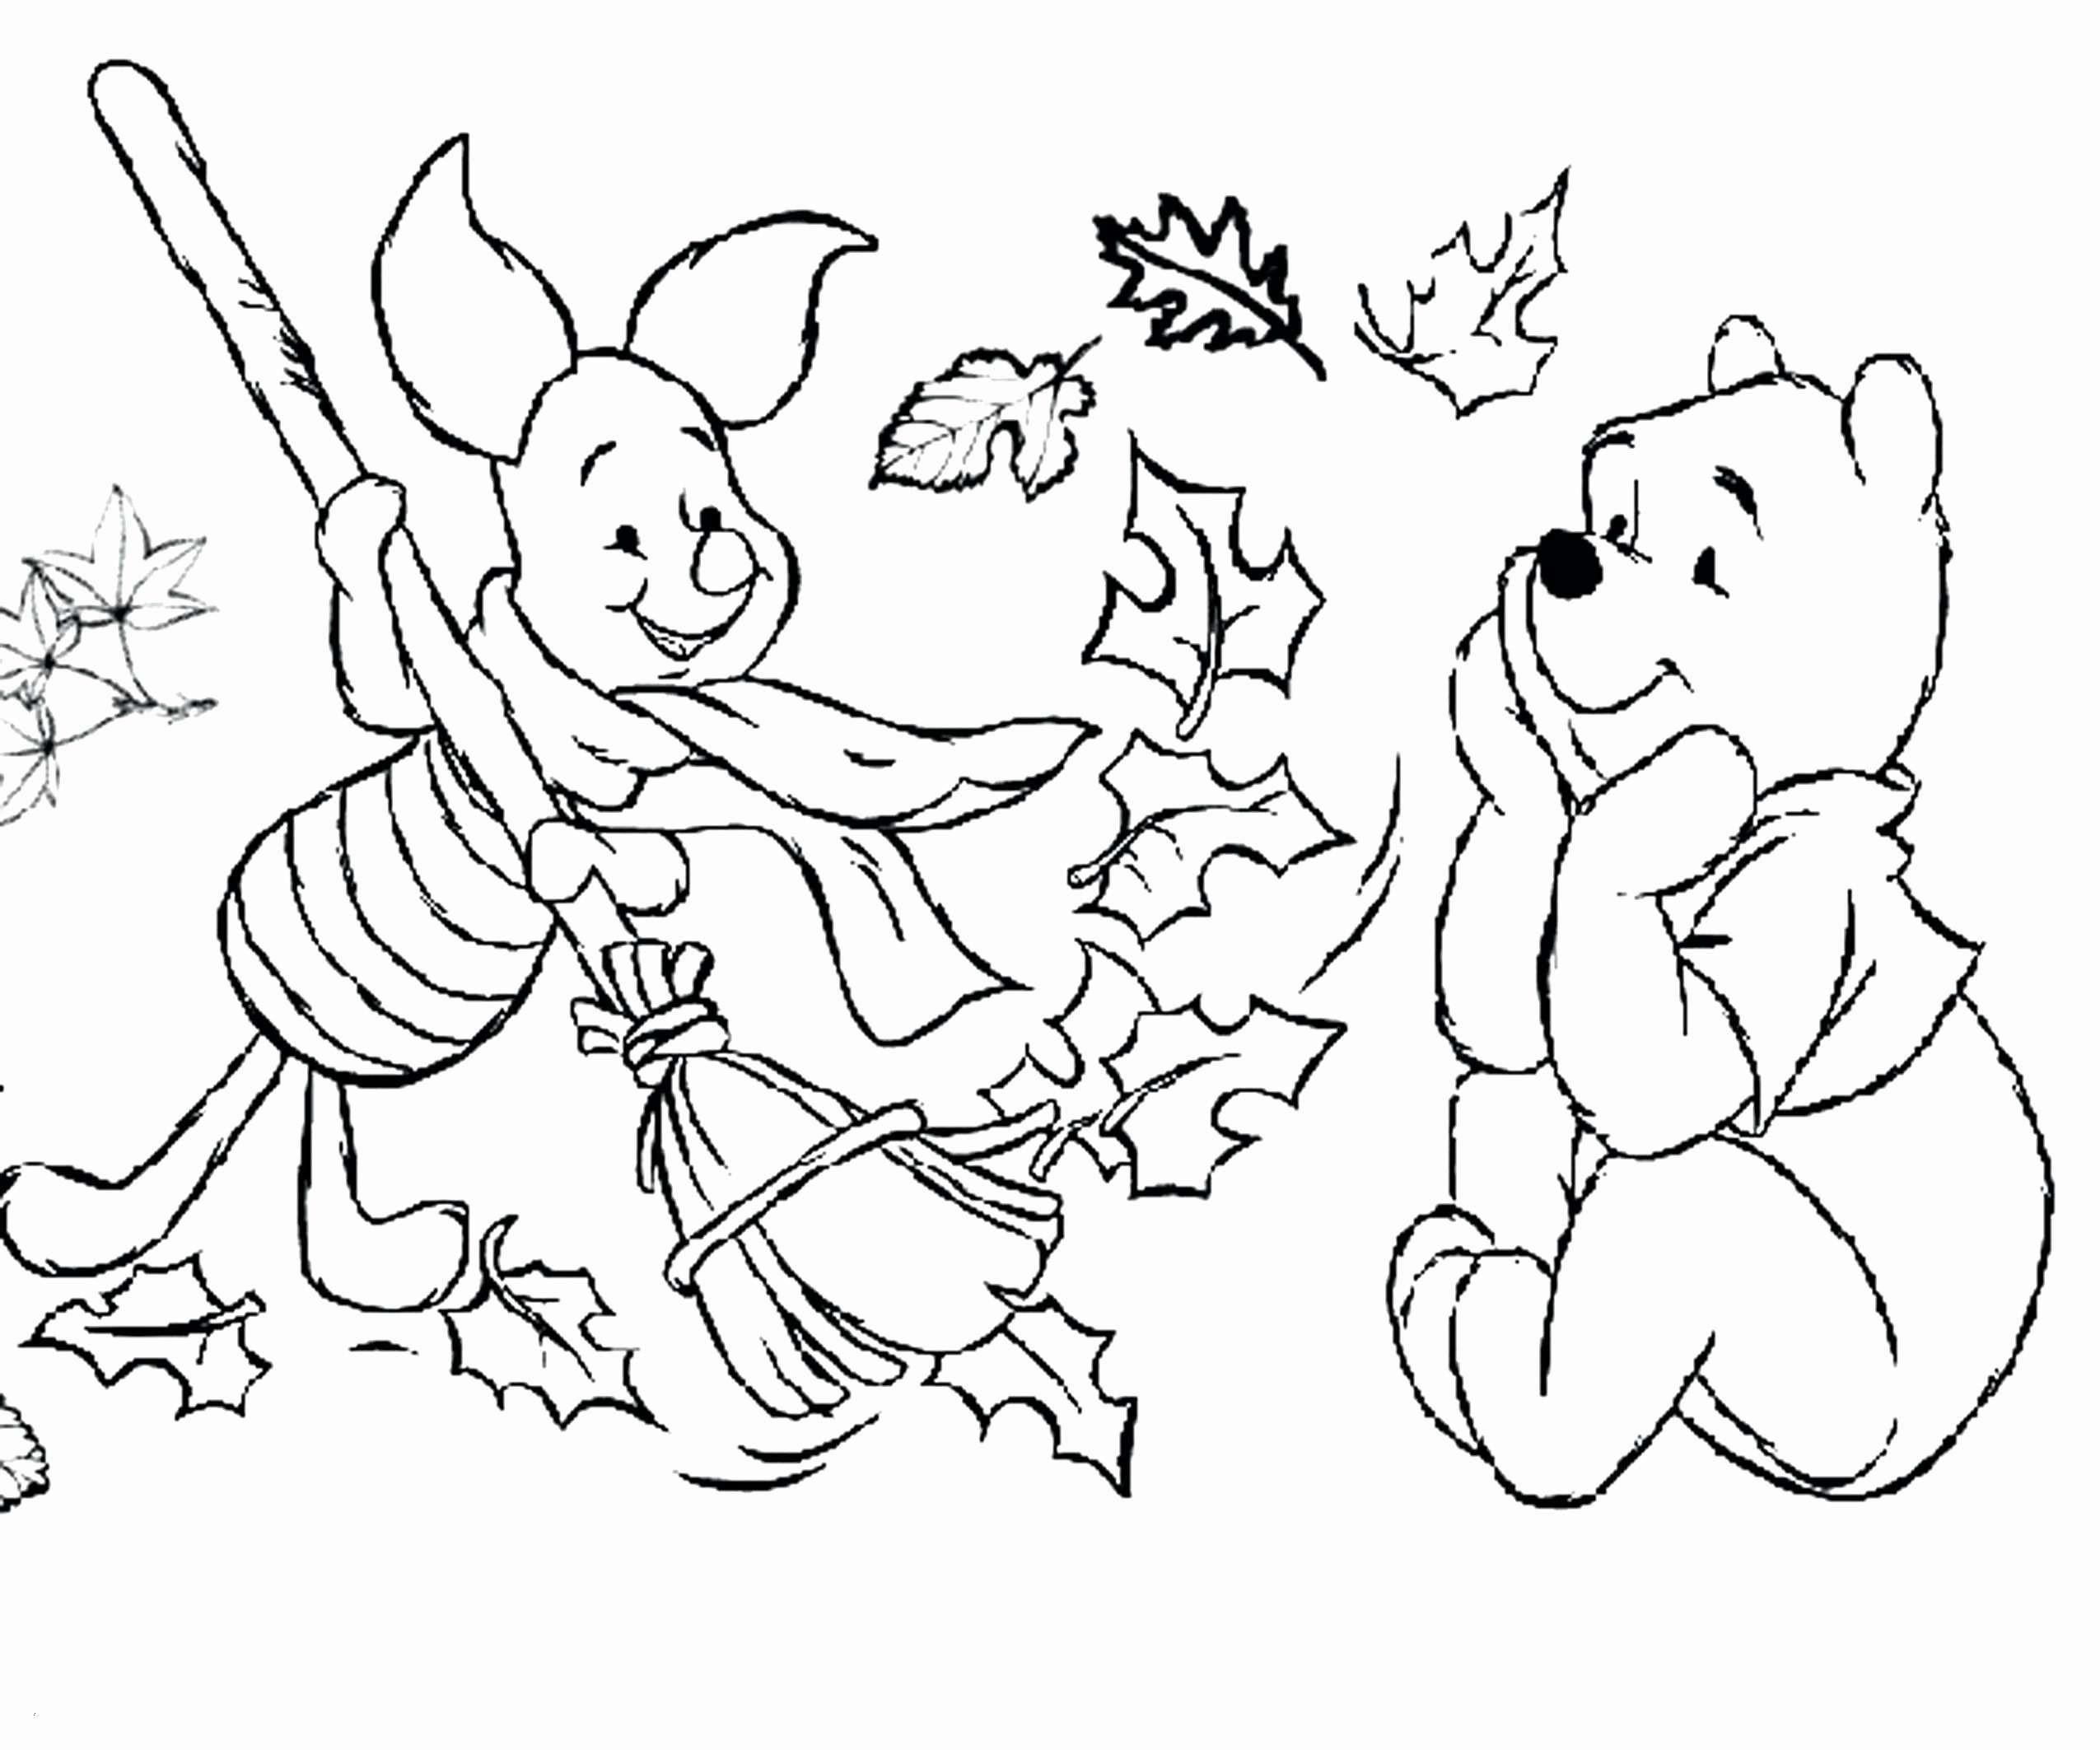 Einhorn Ausmalbilder Zum Ausdrucken Genial 35 Einhorn Malvorlagen Scoredatscore Schön Pokemon Ausmalbilder Zum Stock